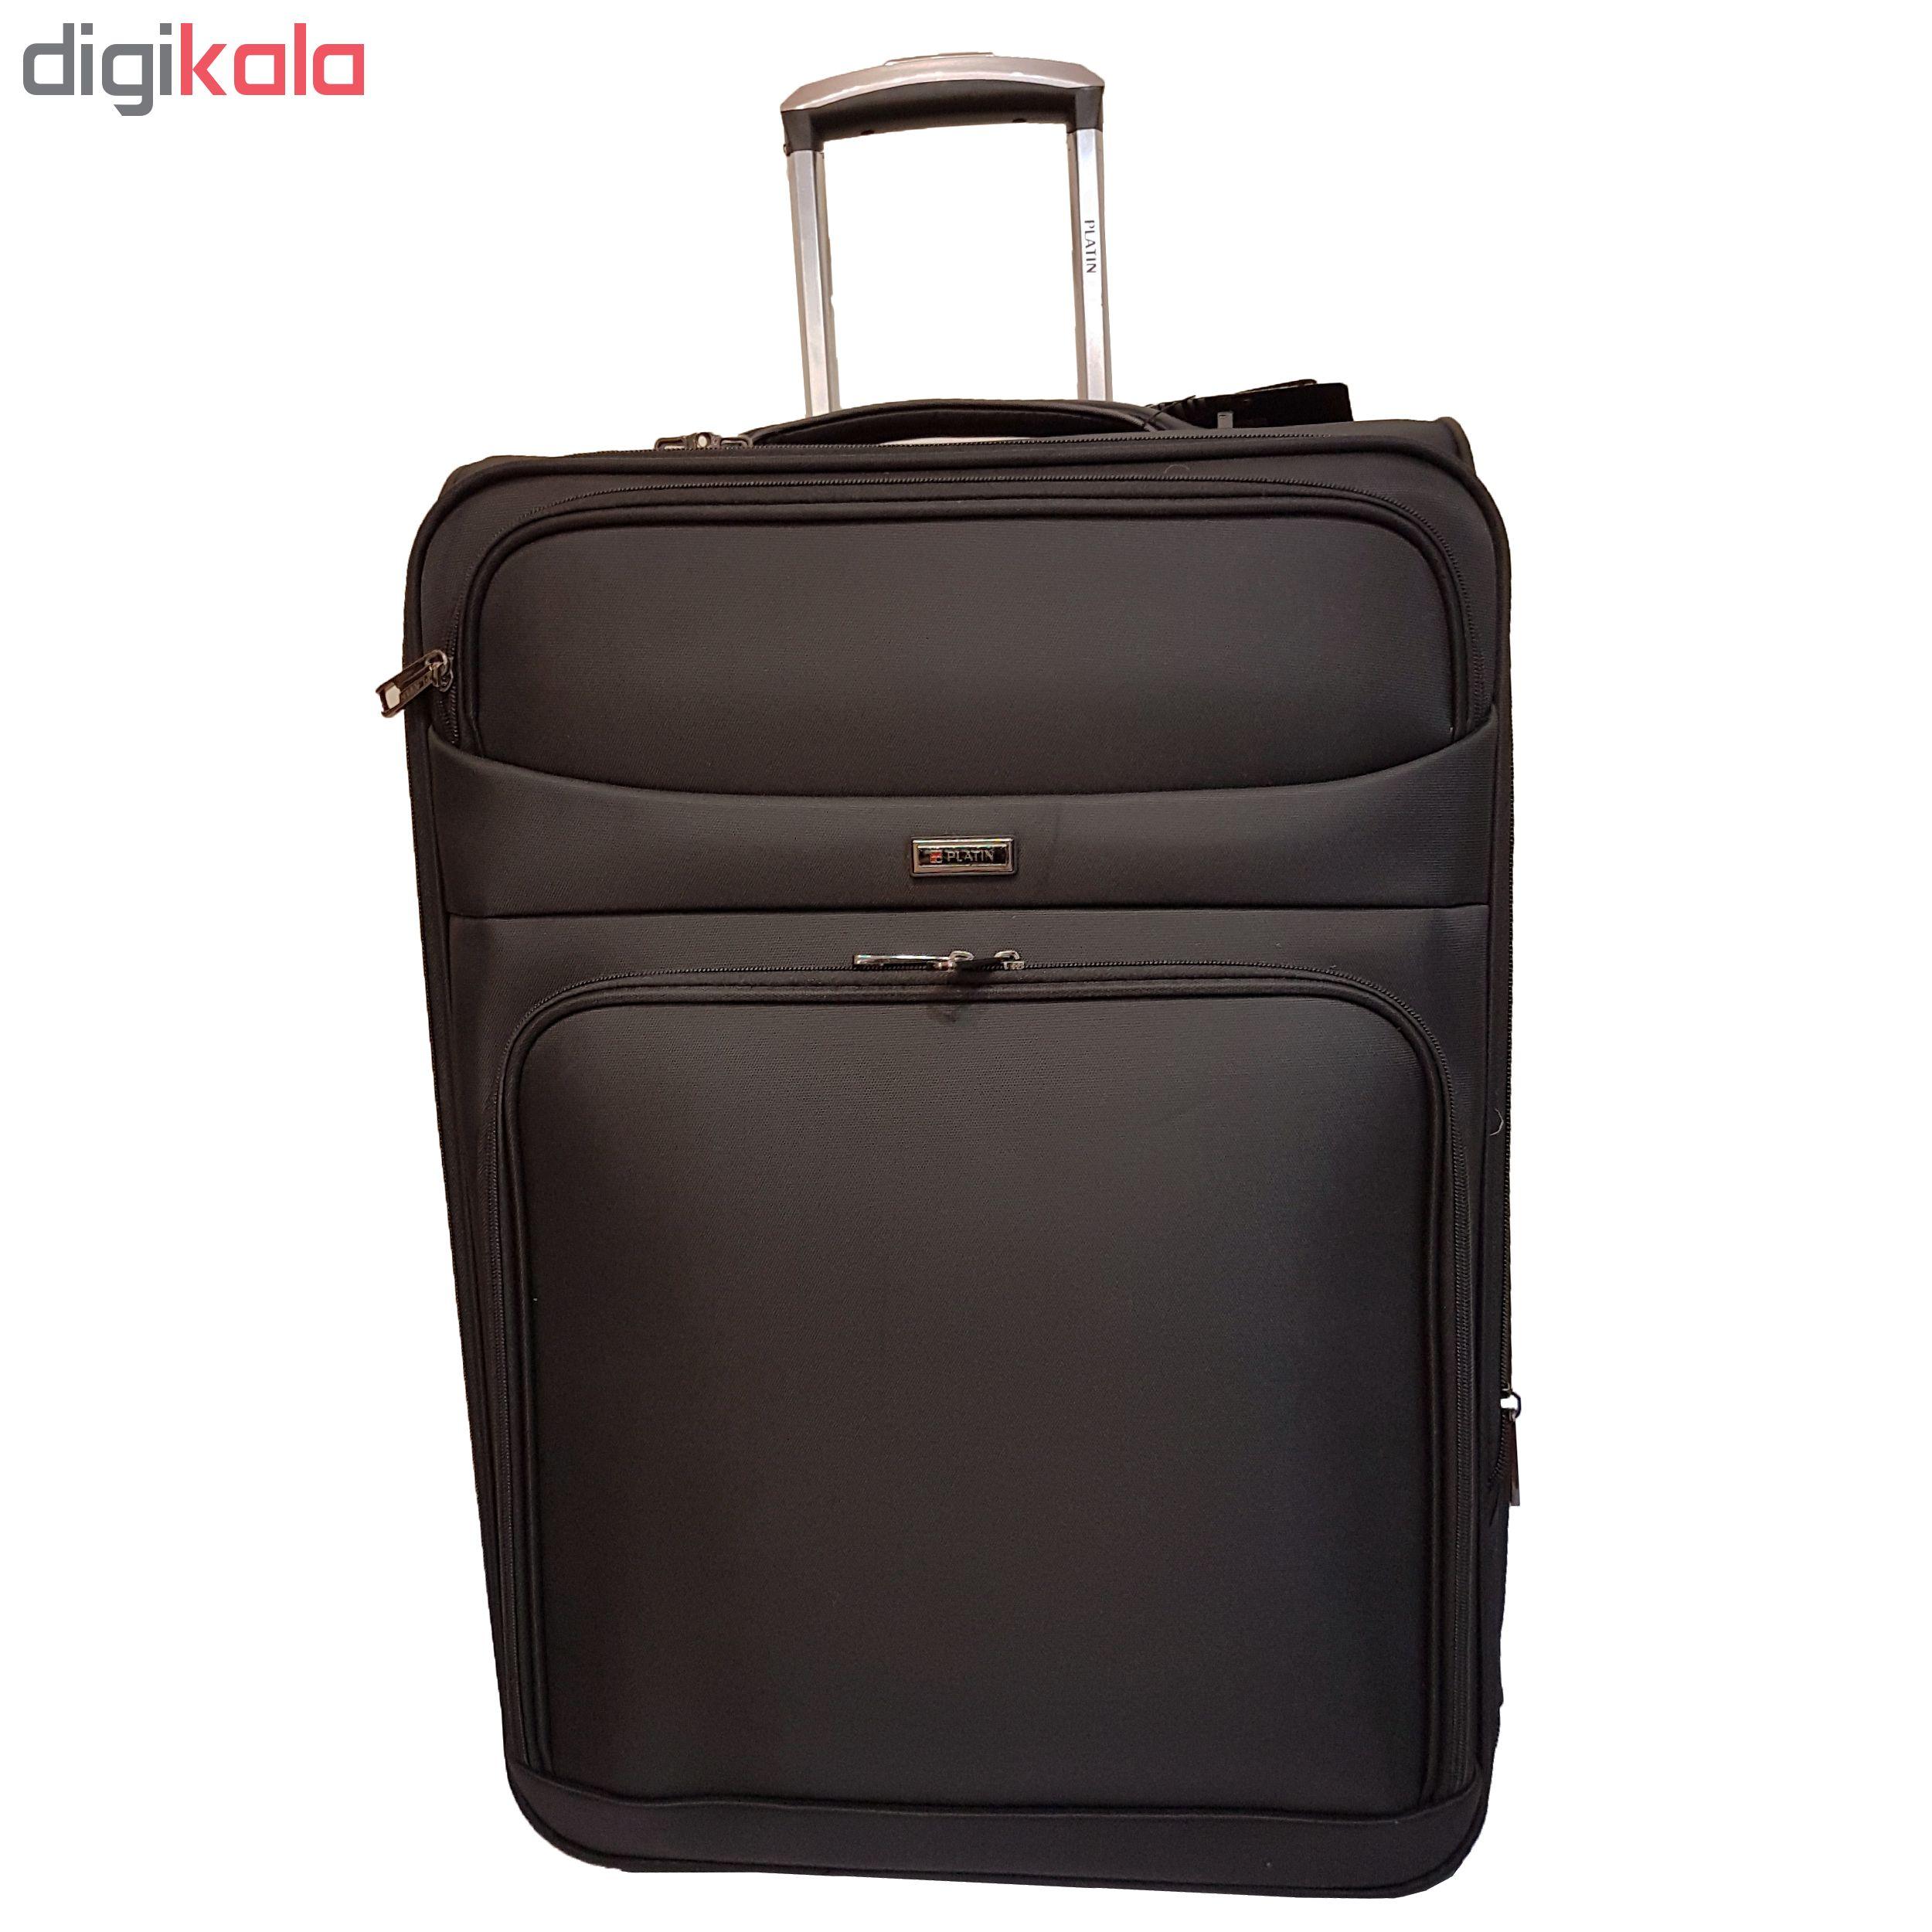 چمدان پلاتین کد 002-24